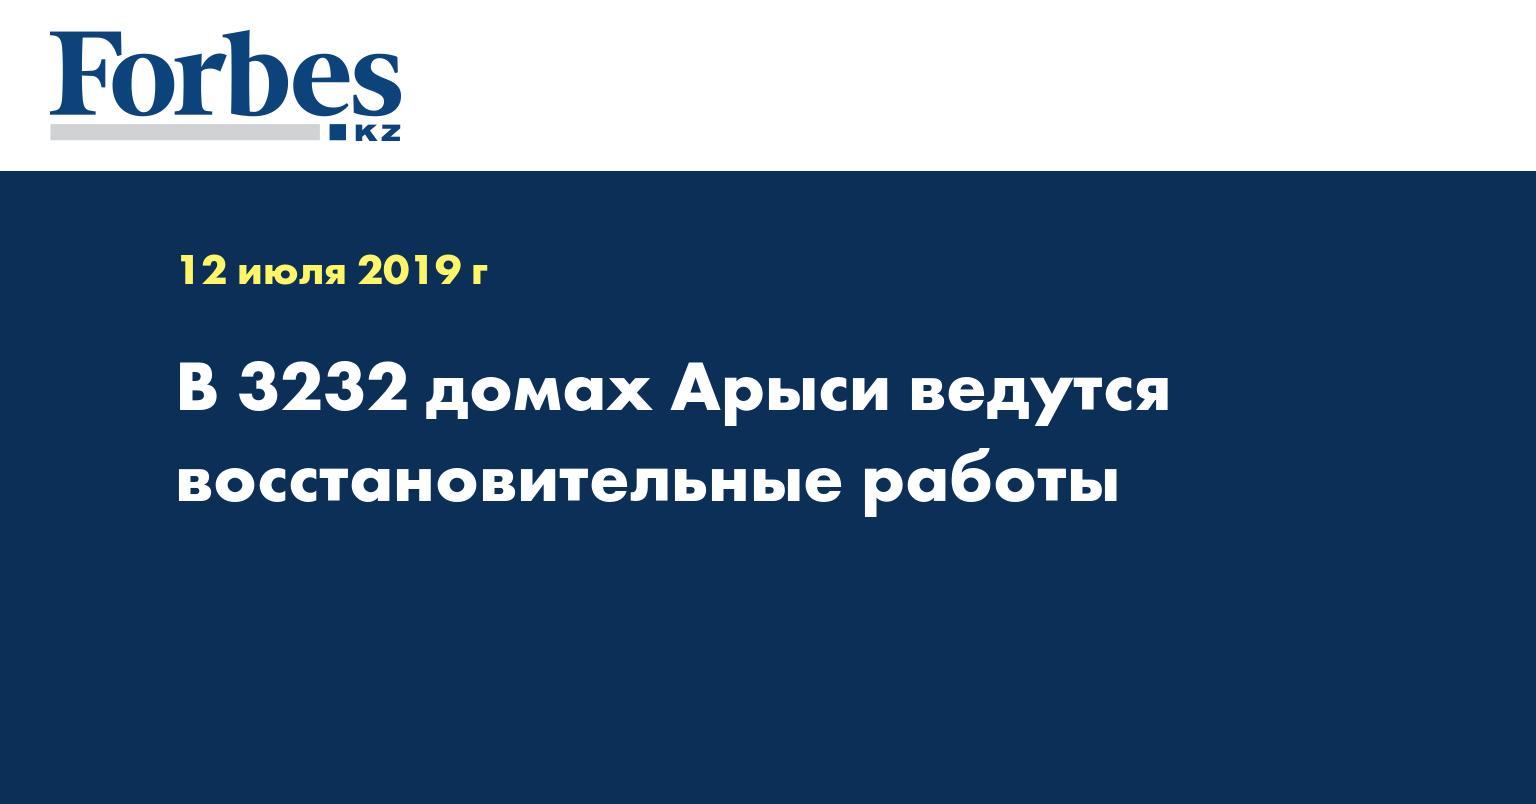 В 3232 домах Арыси ведутся восстановительные работы